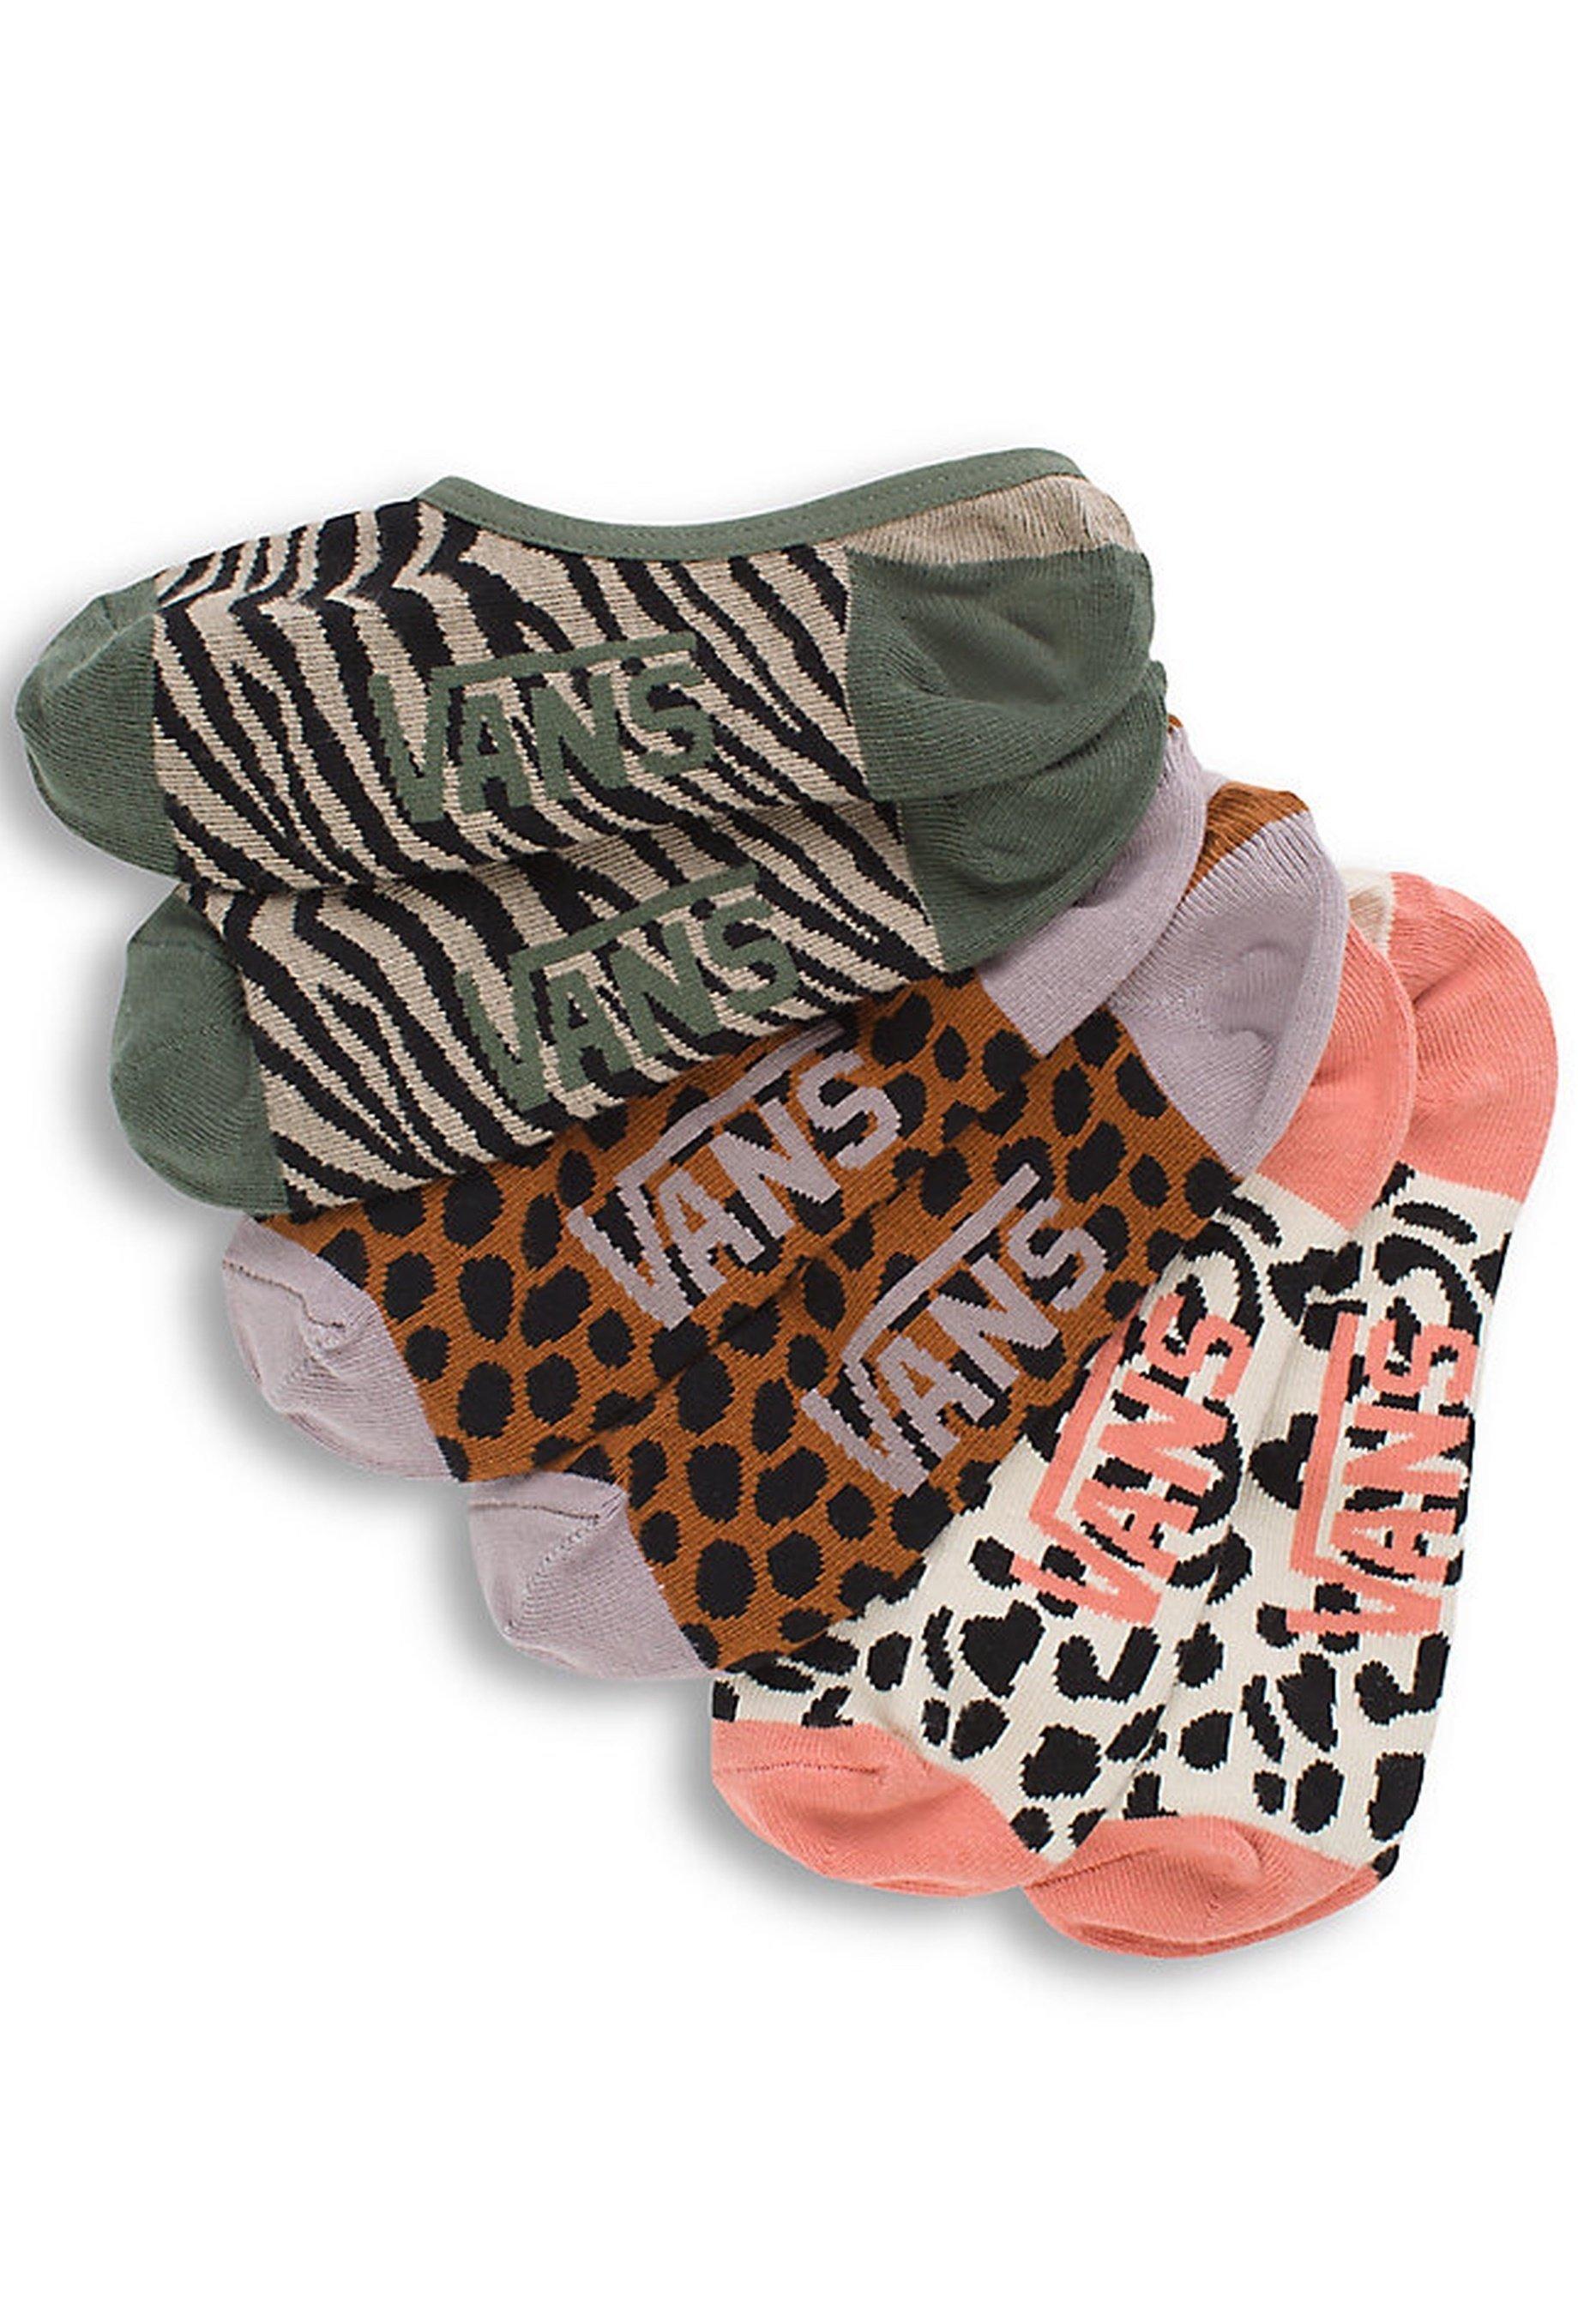 Femme WM SAFARI CANOODLES (1-6, 3PK) - Chaussettes